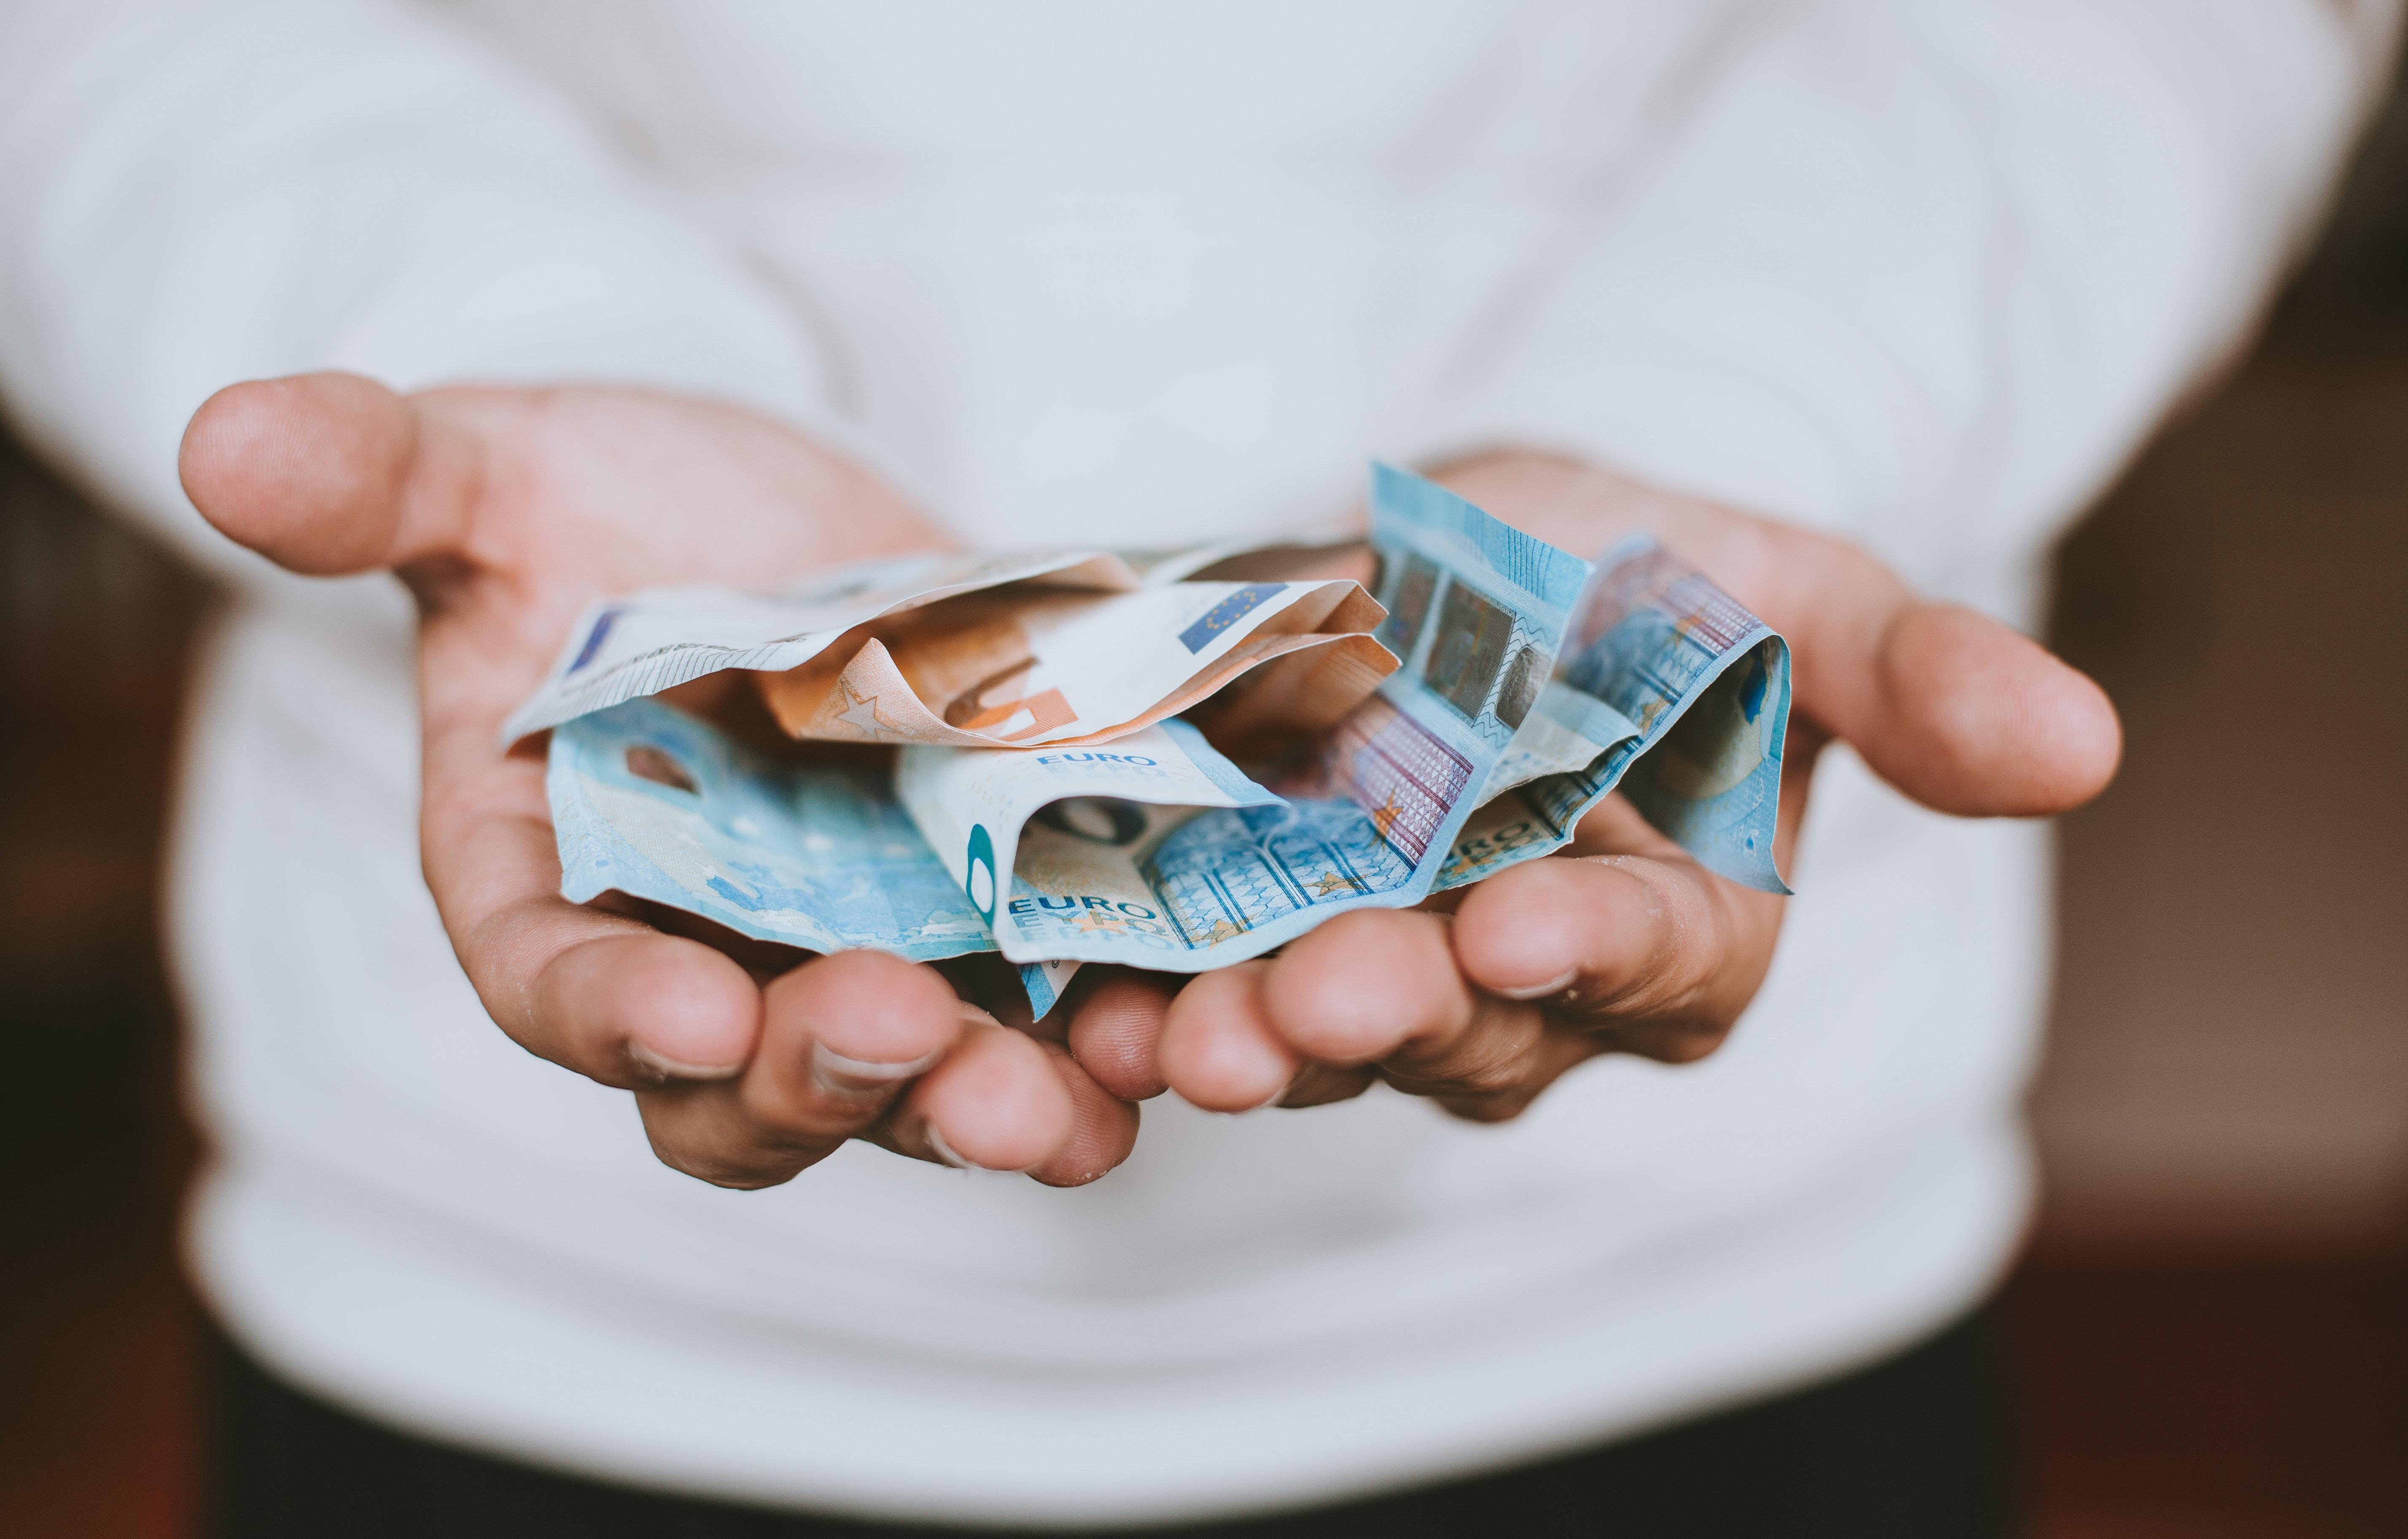 Fausses notes de frais et fraude : comment agir ?